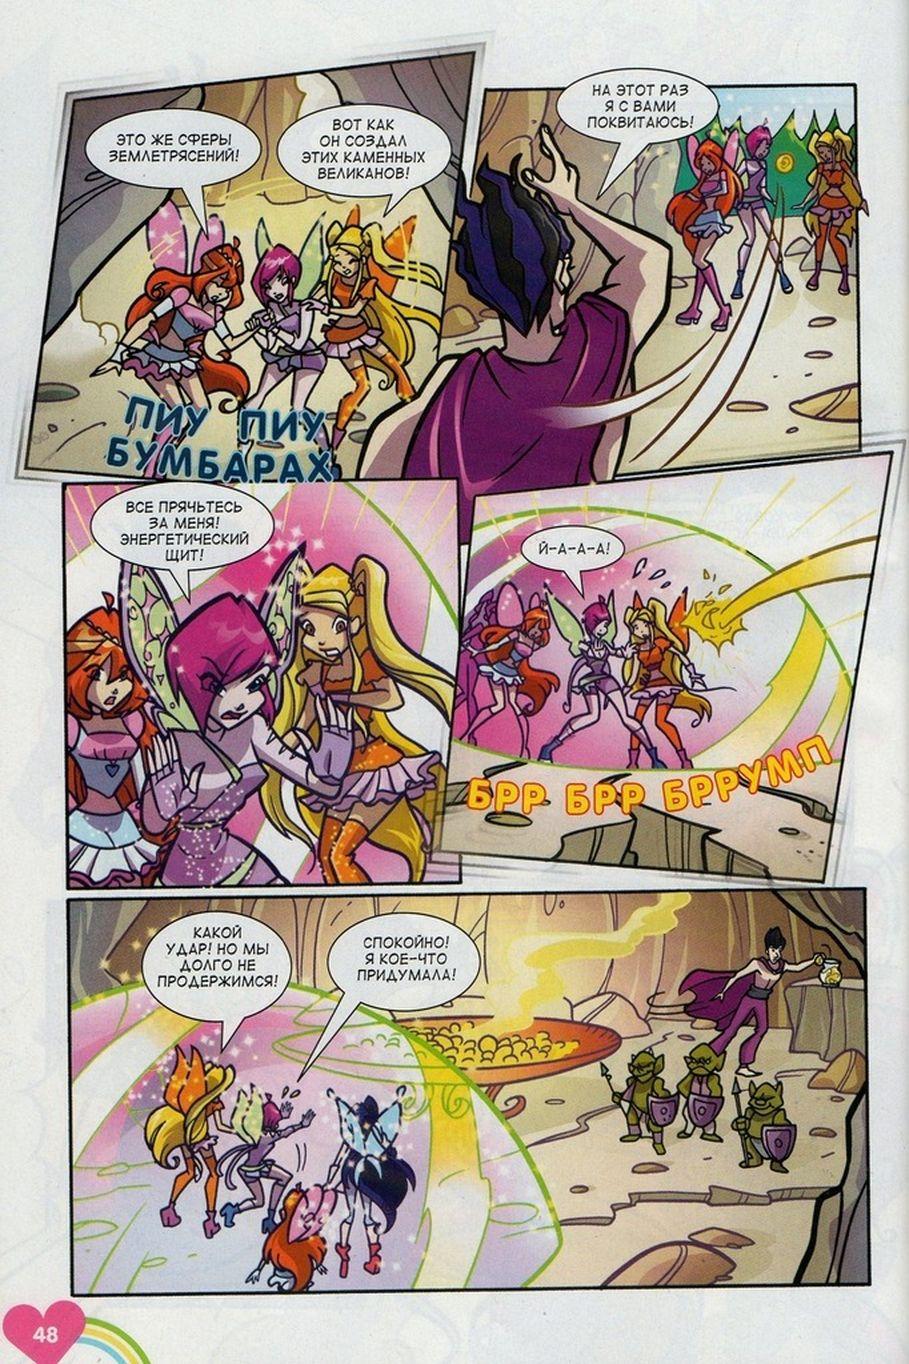 Комикс Винкс Winx - Каменные великаны (Журнал Винкс №11 2011) - стр. 45